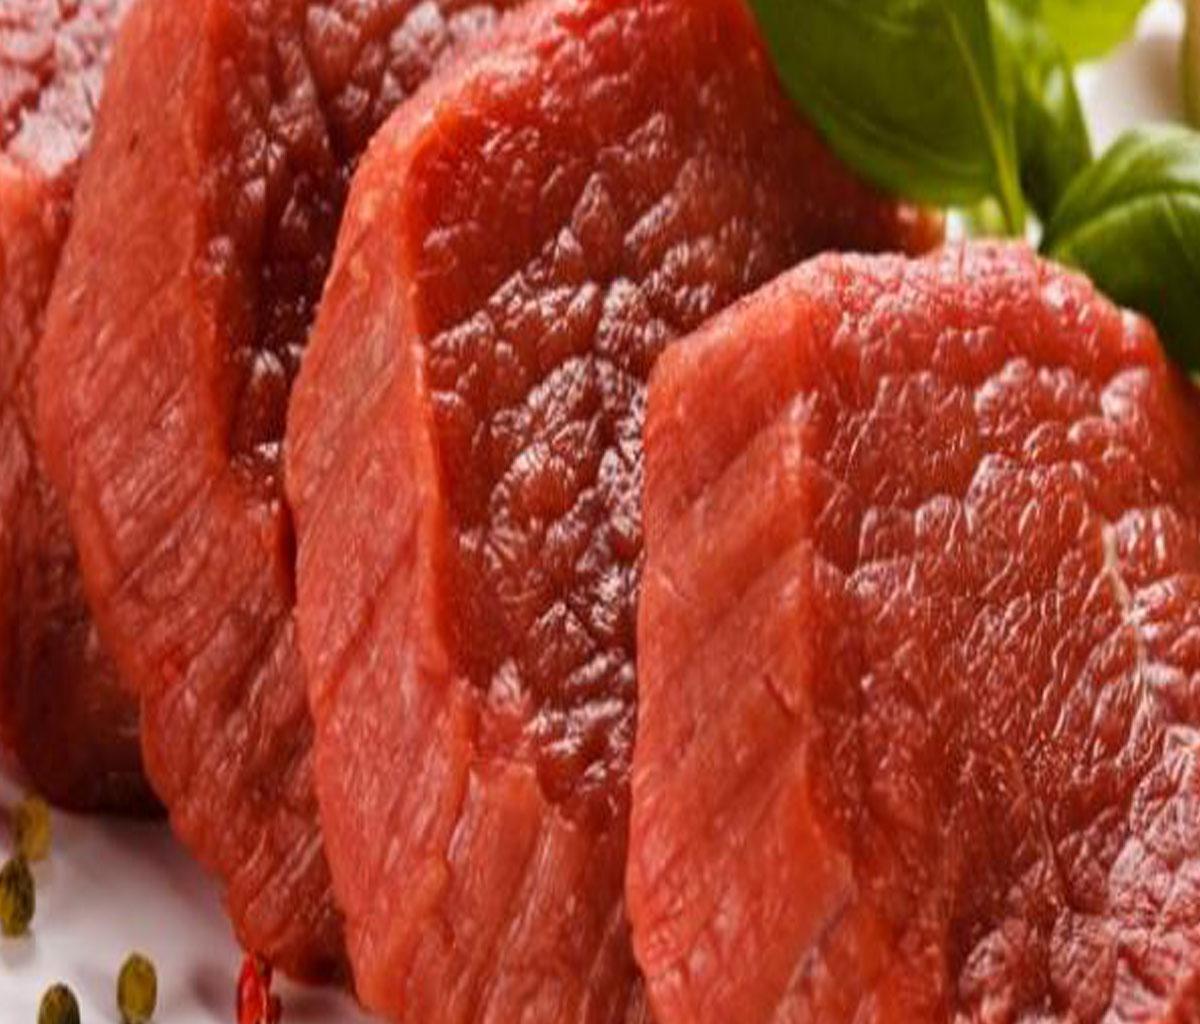 تفسير رؤية تناول اللحوم في منام العزباء